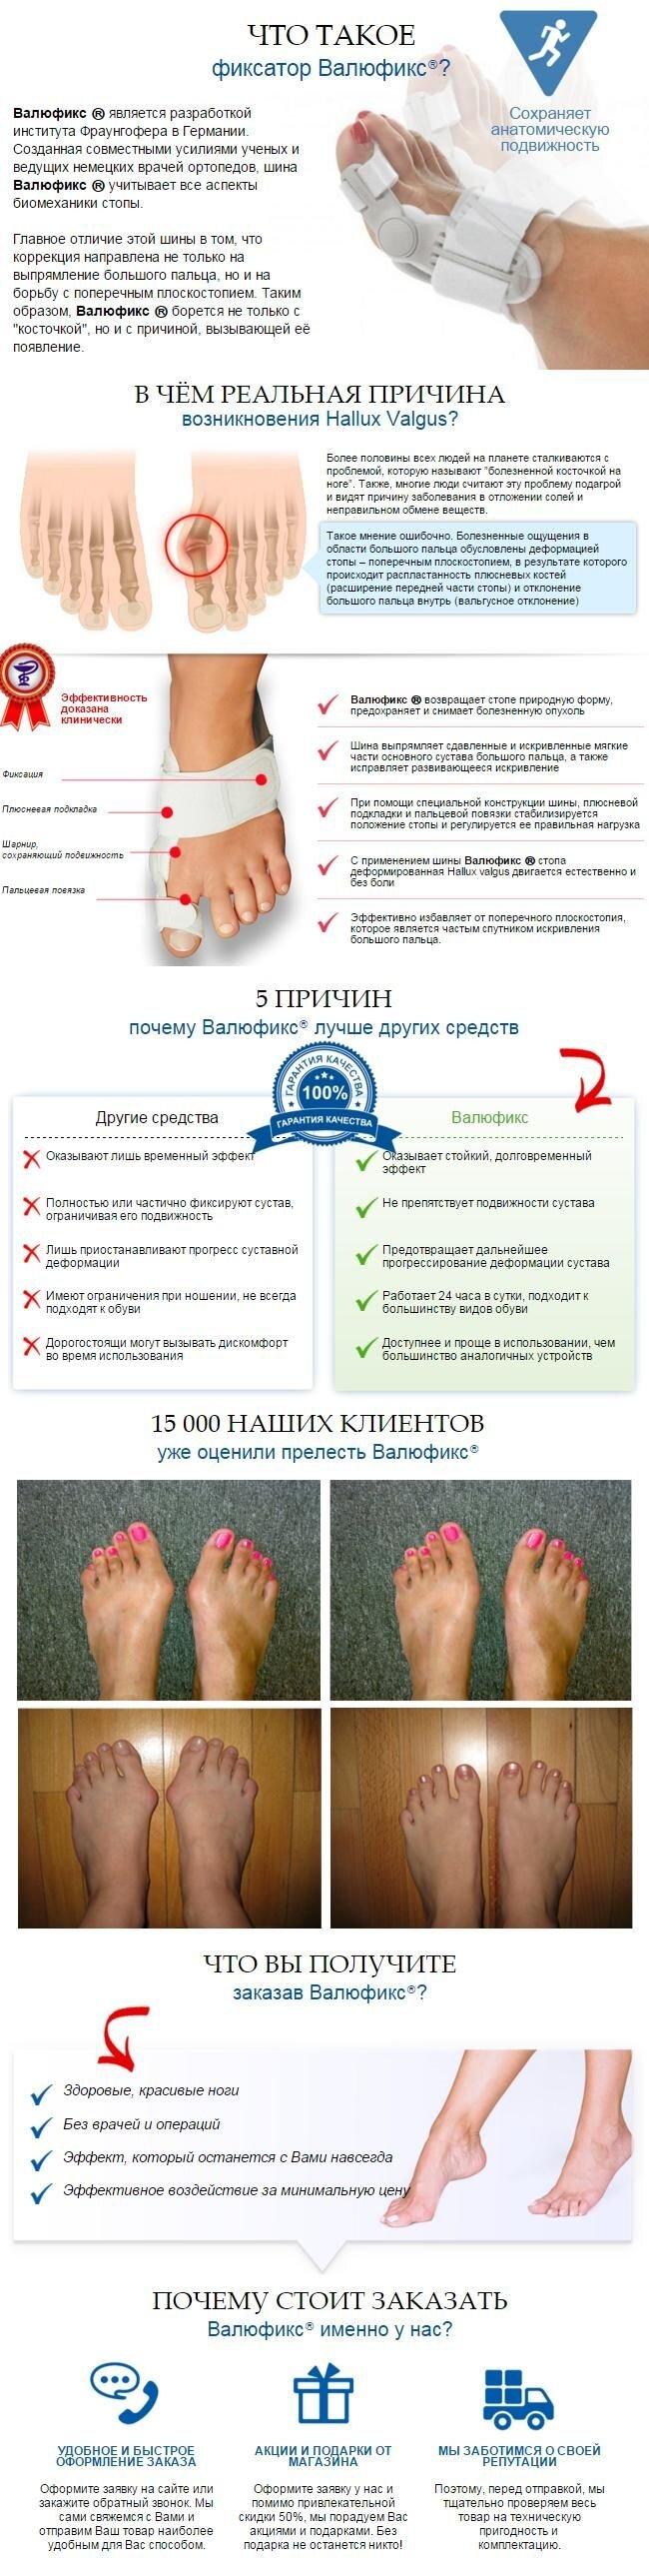 Фиксатор Valufix от косточки на ноге - фото купить валюфикс в казахстане